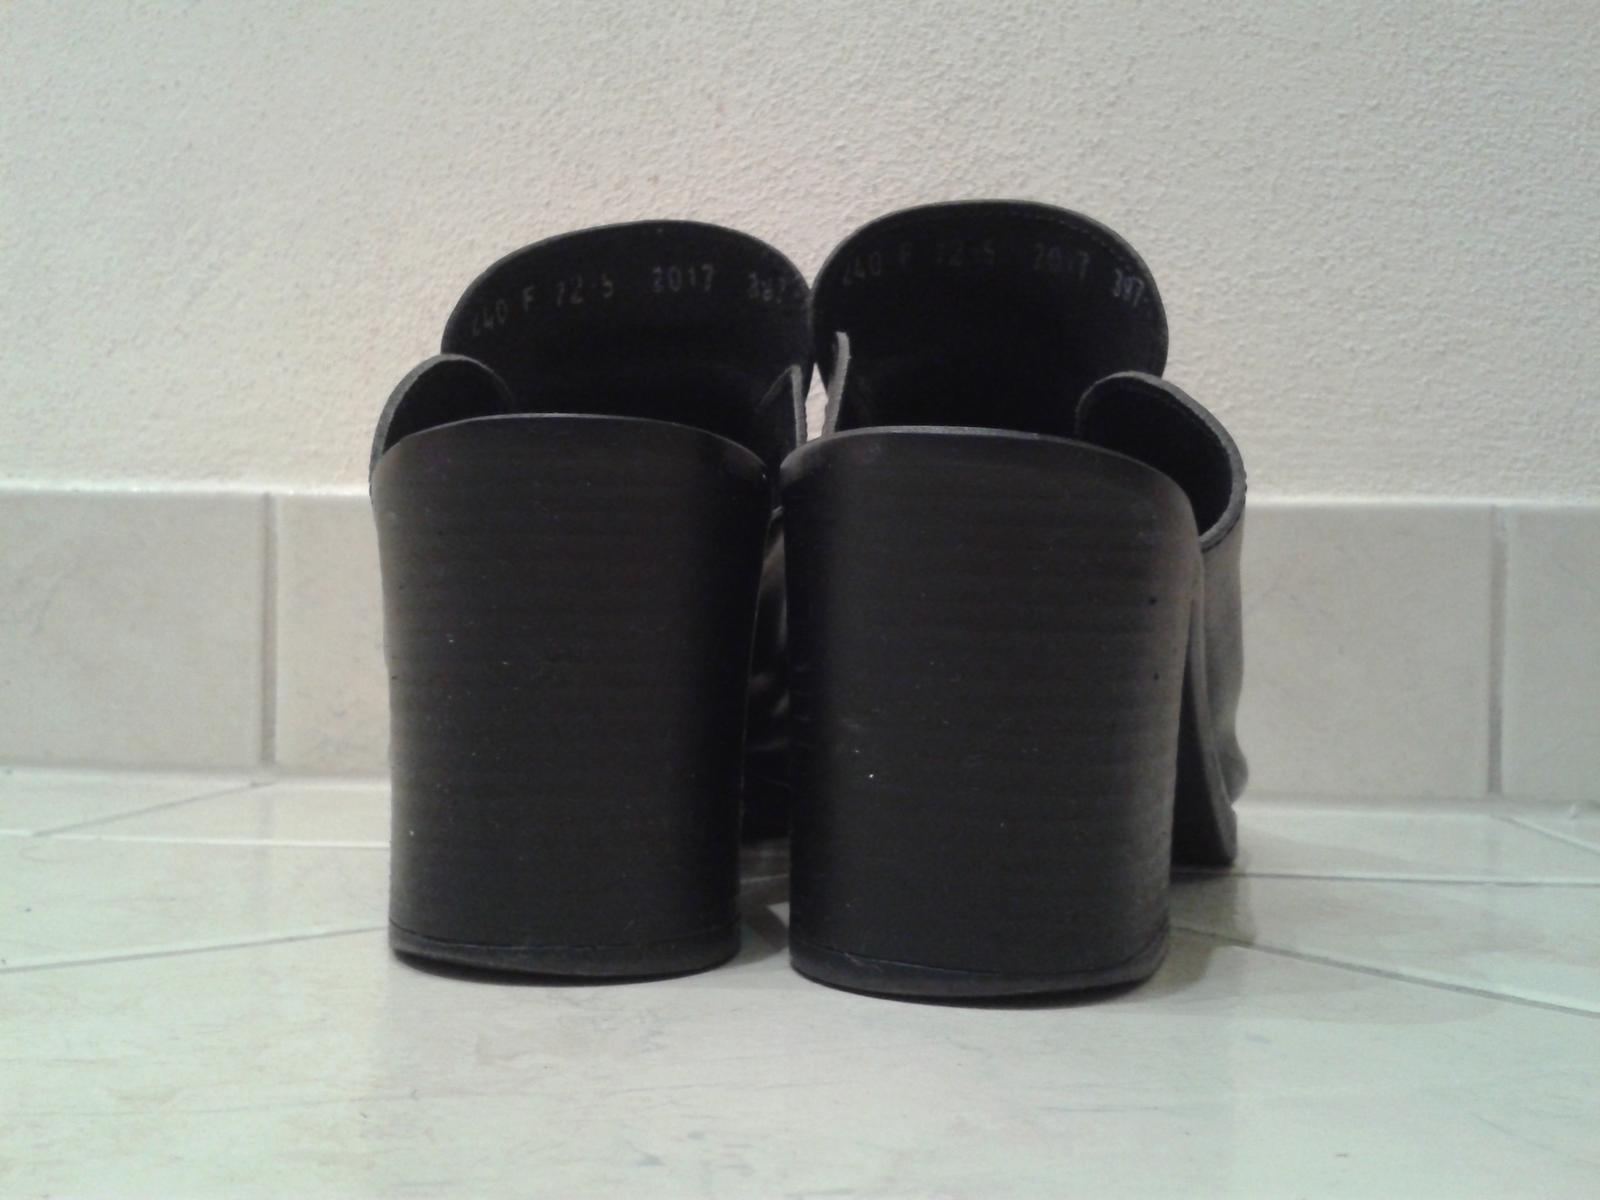 Čierne topánky s otvorenou špičkou/pätou - Obrázok č. 4